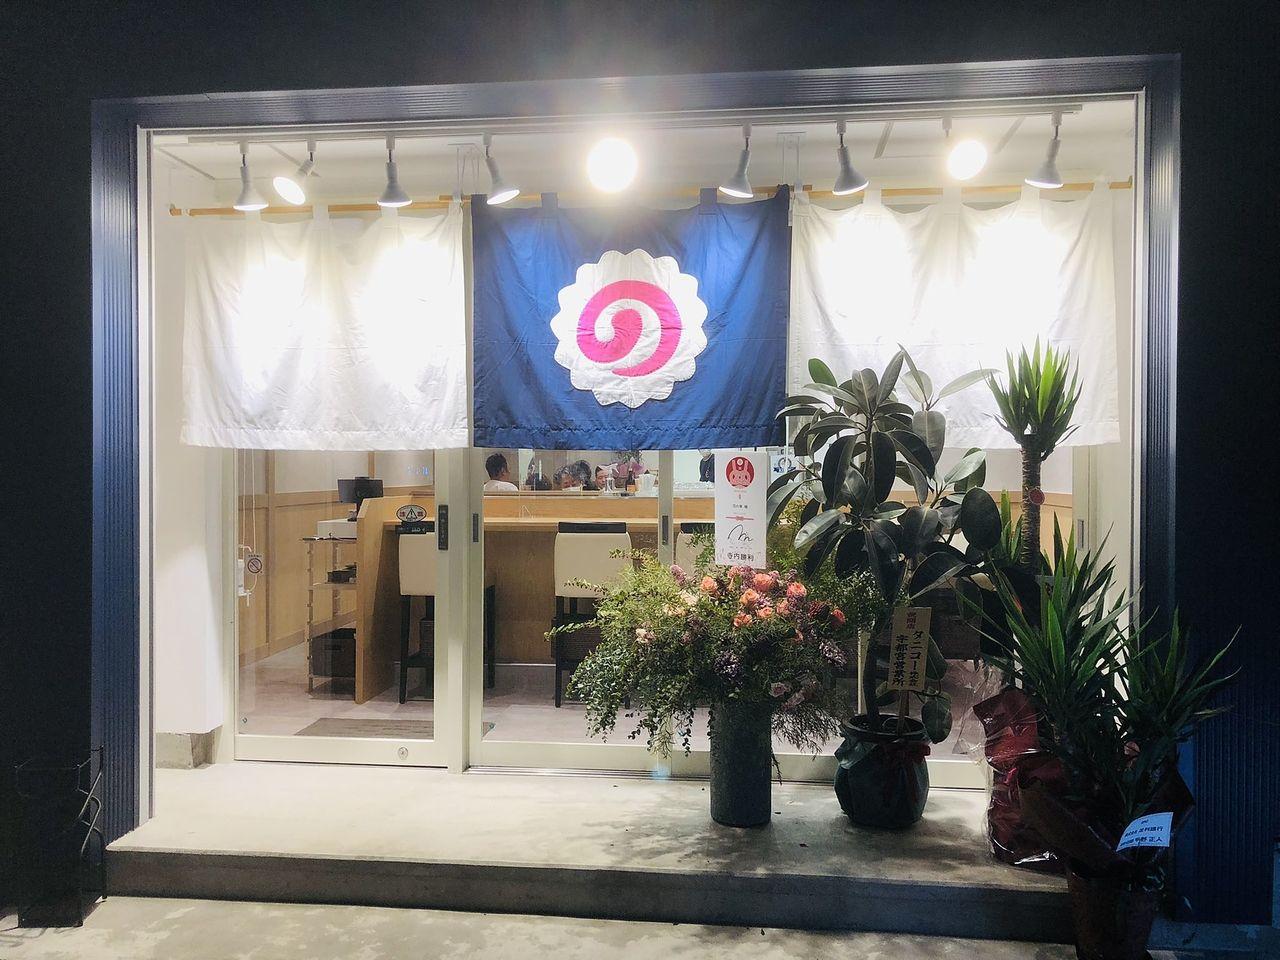 「花の季ネギ坊主」宇都宮駅西口で...10月18日、既にオープン済!Σ(゚Д゚)